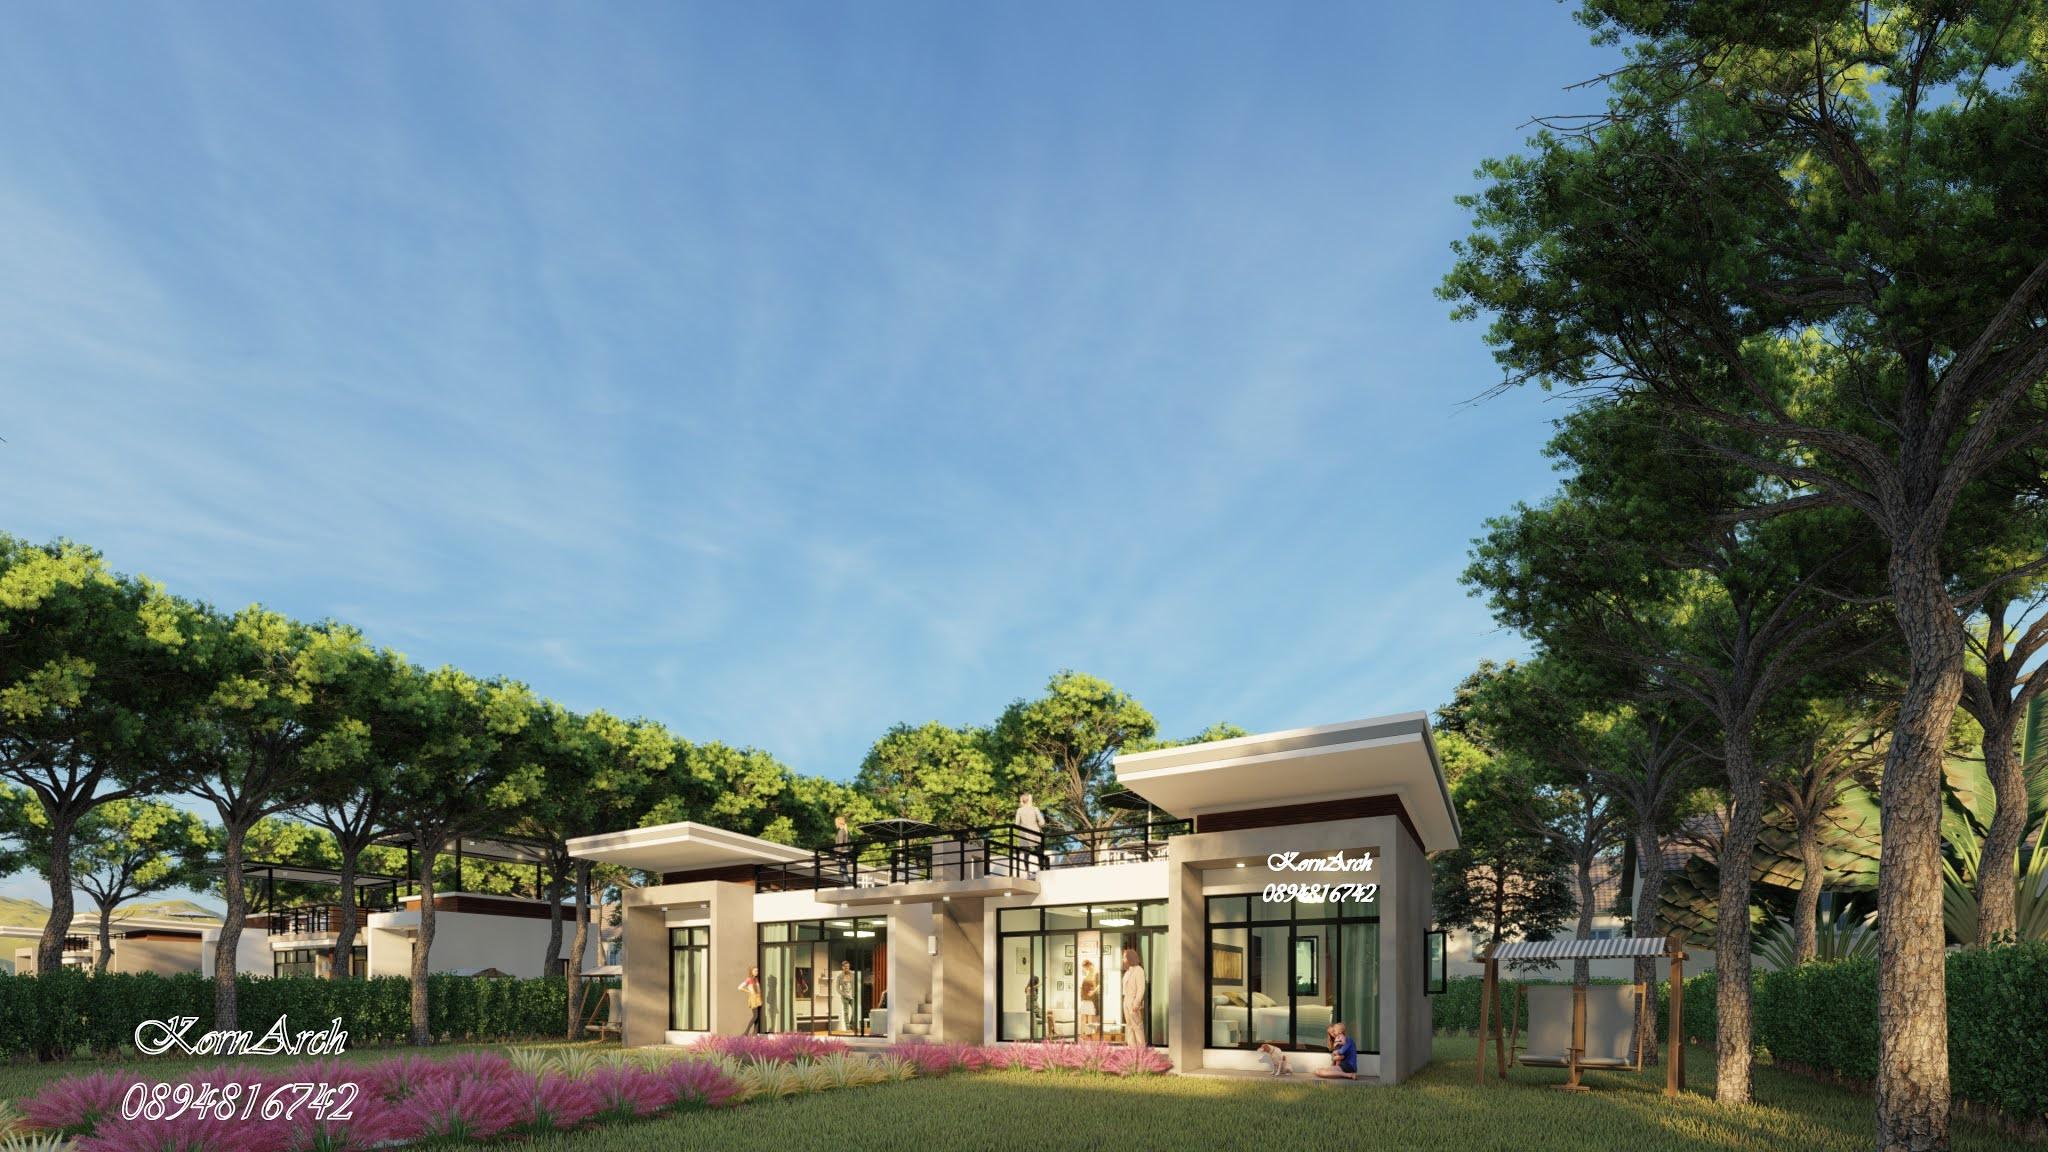 รับออกแบบรีสอร์ทสไตล์โมเดิร์นลอฟท์  เจ้าของอาคาร หัวหิน อินเตอร์ฟู้ดส์  สถานที่ก่อสร้าง อ.เกาะพะงัน จ. สุราษฎร์ธานี